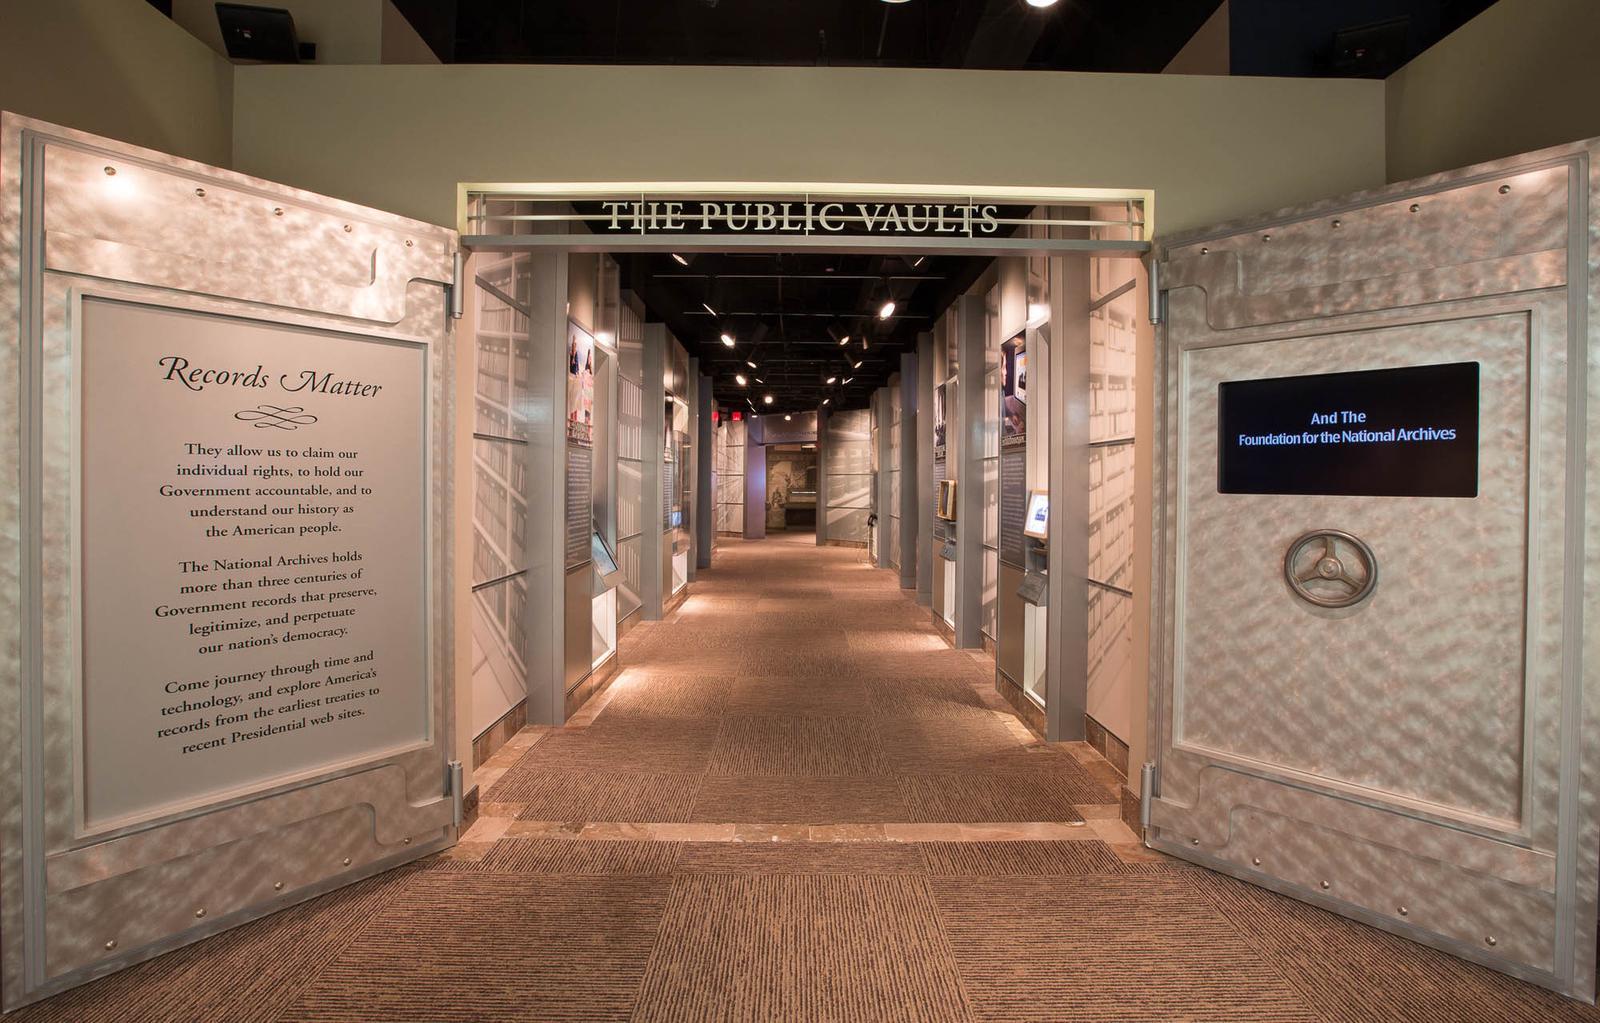 The Public Vaults